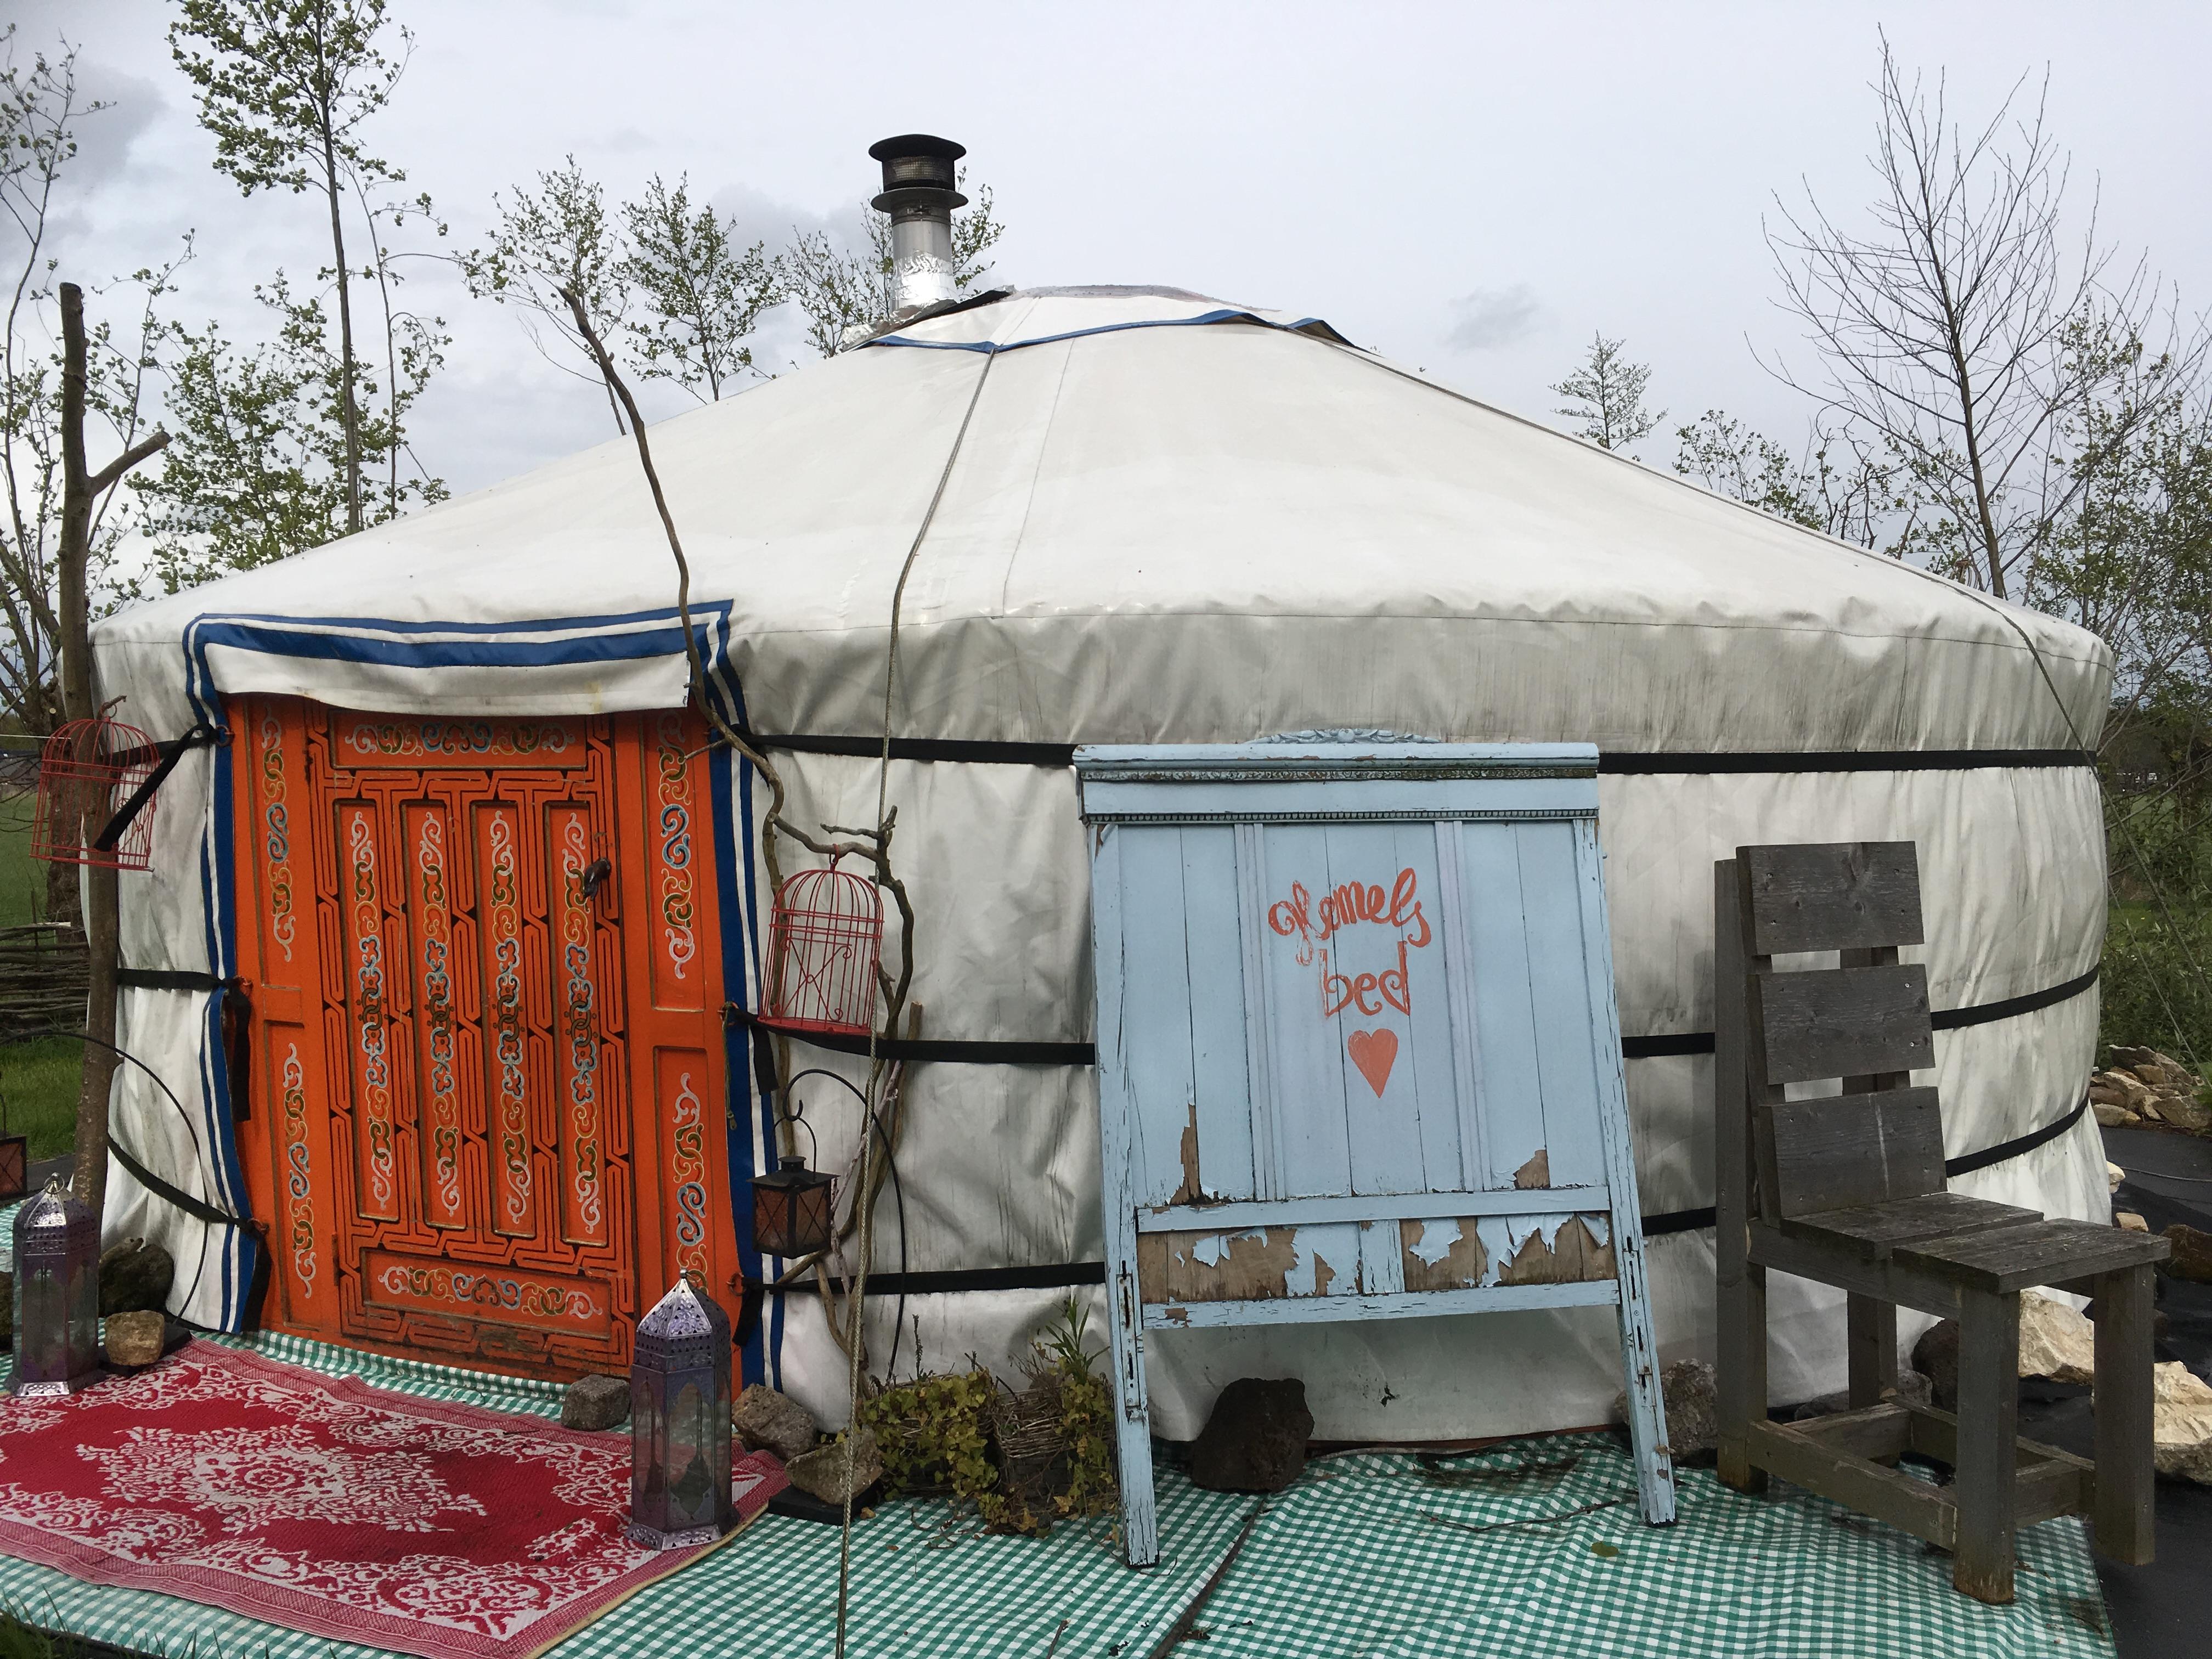 Overnachten // Slapen in een yurt